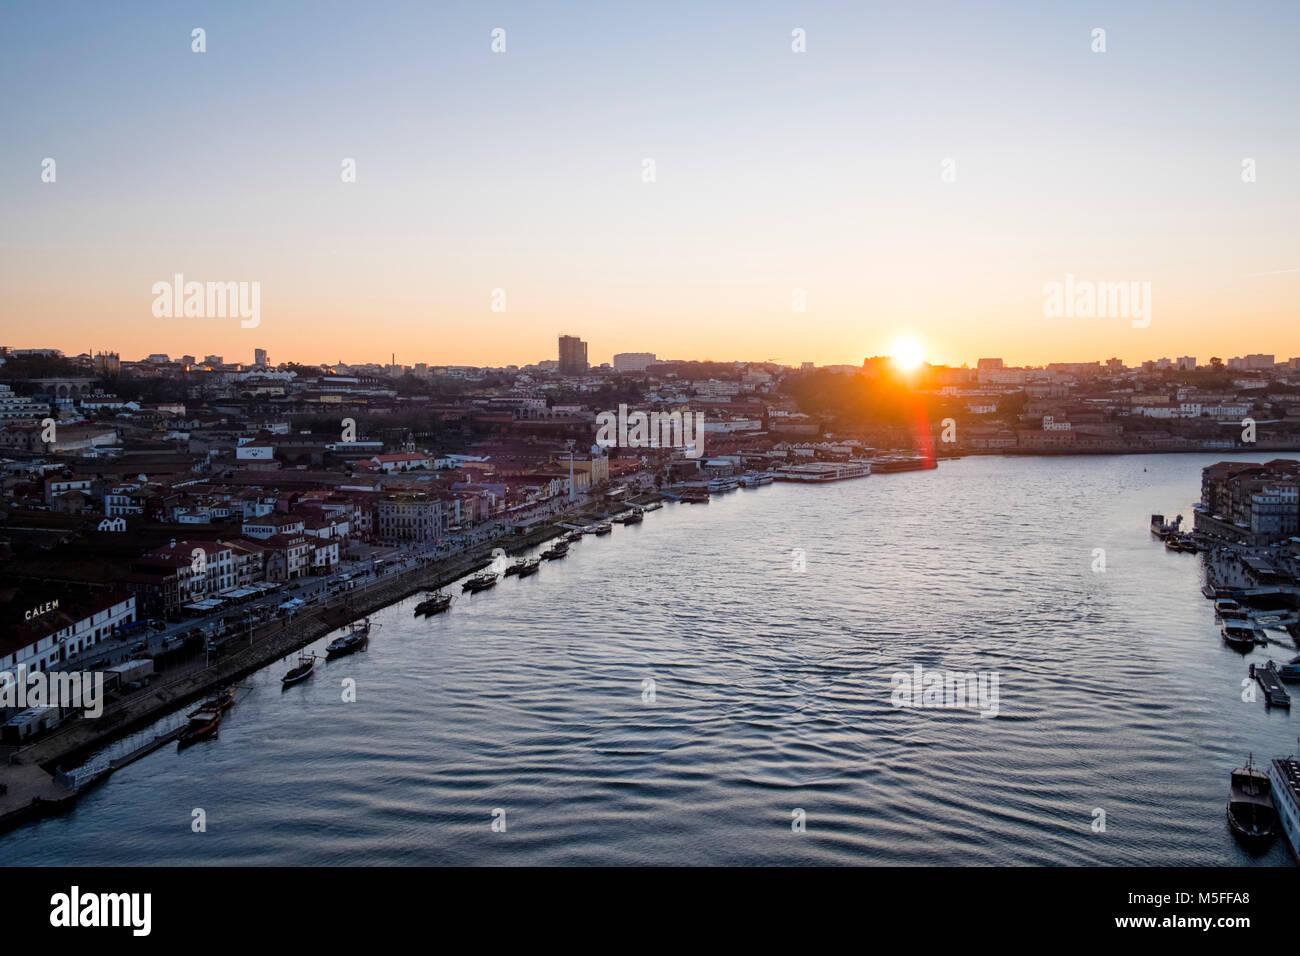 Cityscape with Douro river in Porto, Portugal - Stock Image